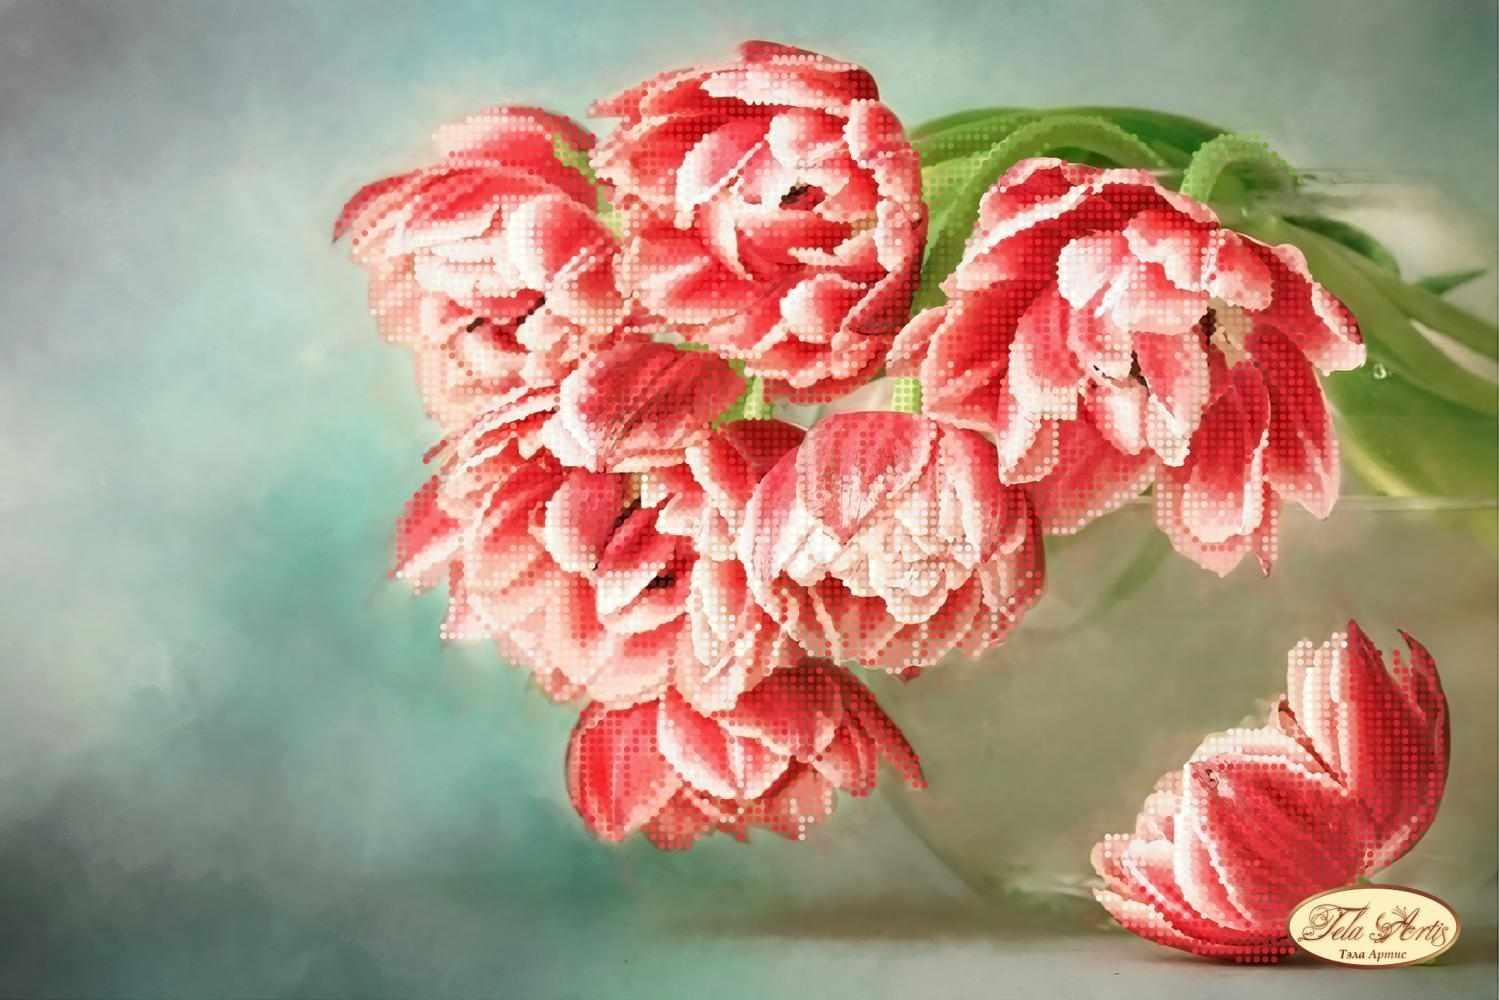 ТА-287 Бокэ. Тюльпаны Андорра - схема для вышивания (Tela Artis)